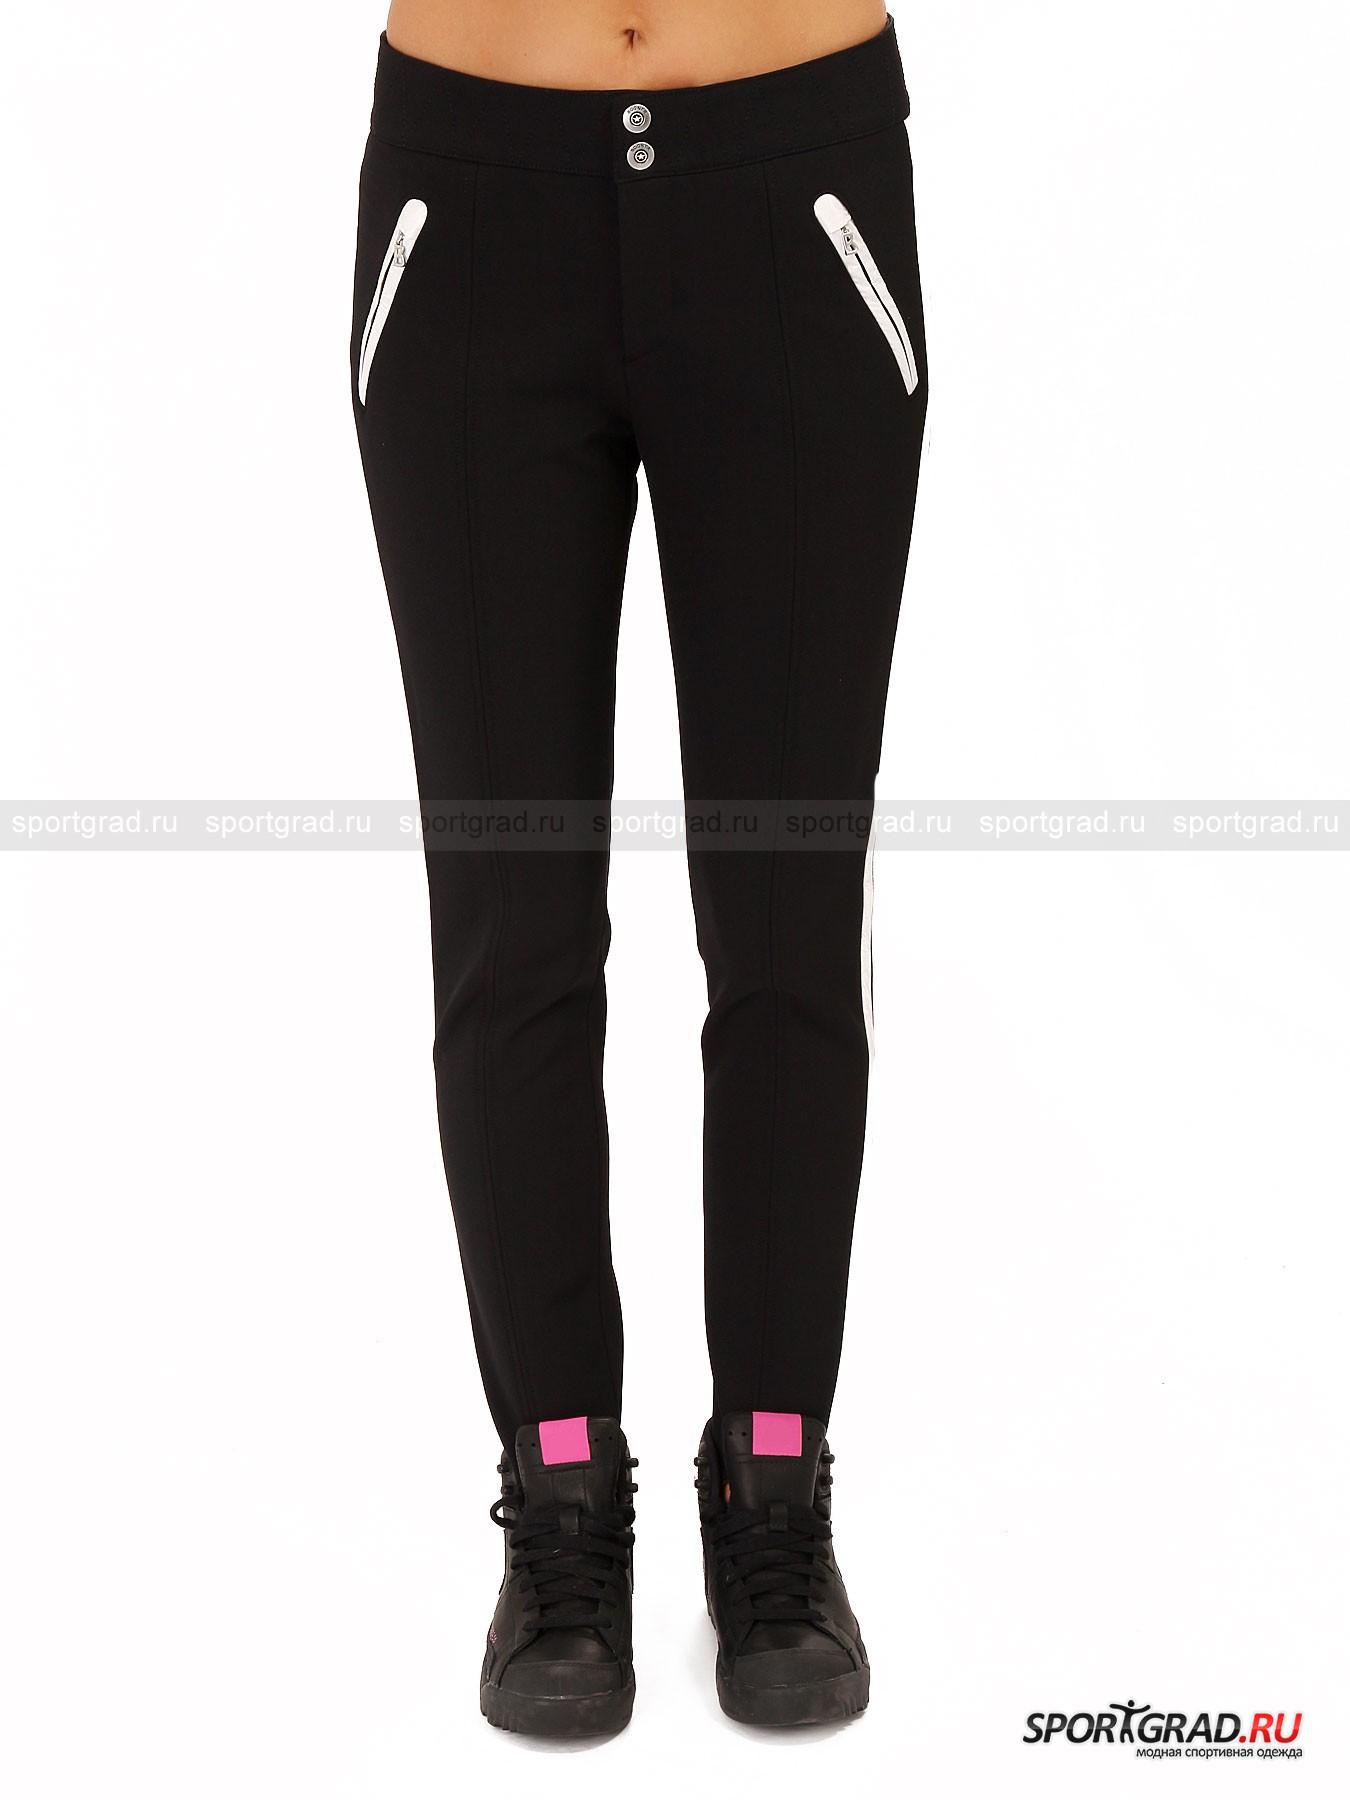 Женская спортивная одежда купить